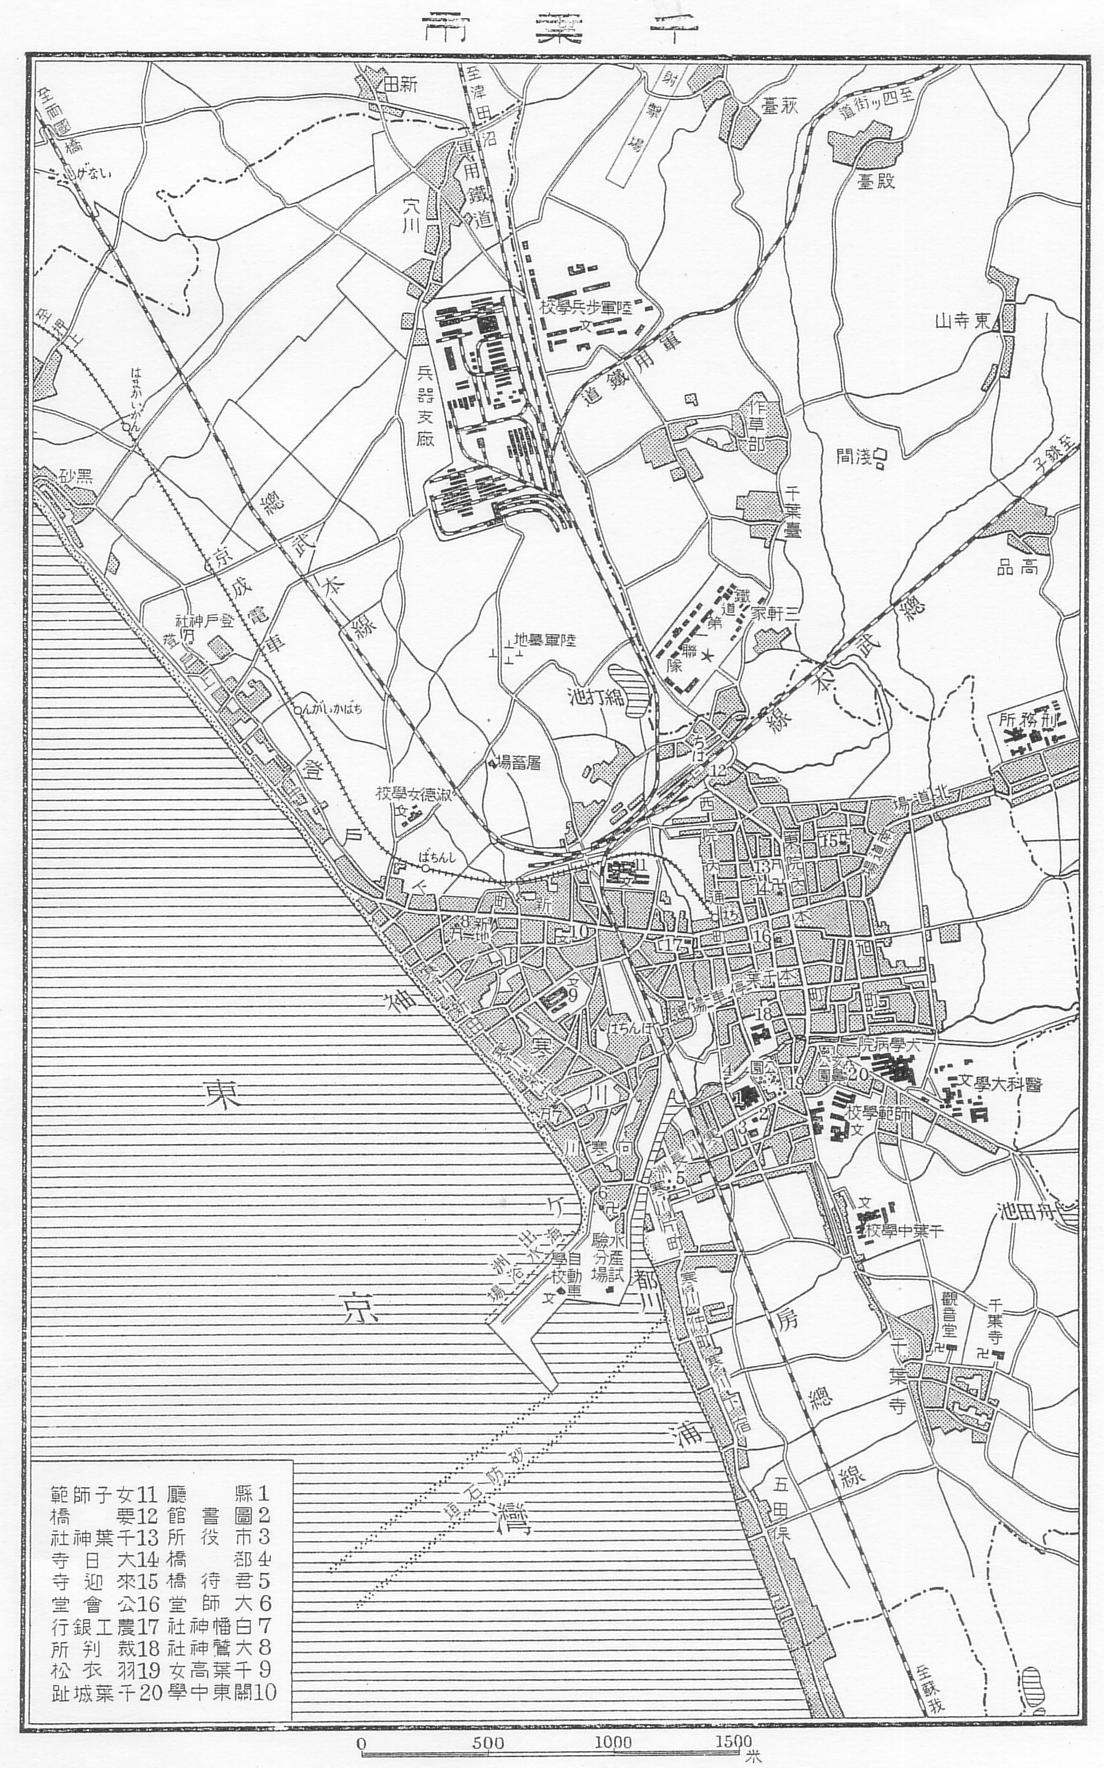 https://upload.wikimedia.org/wikipedia/commons/2/2b/Chiba_map_circa_1930.PNG